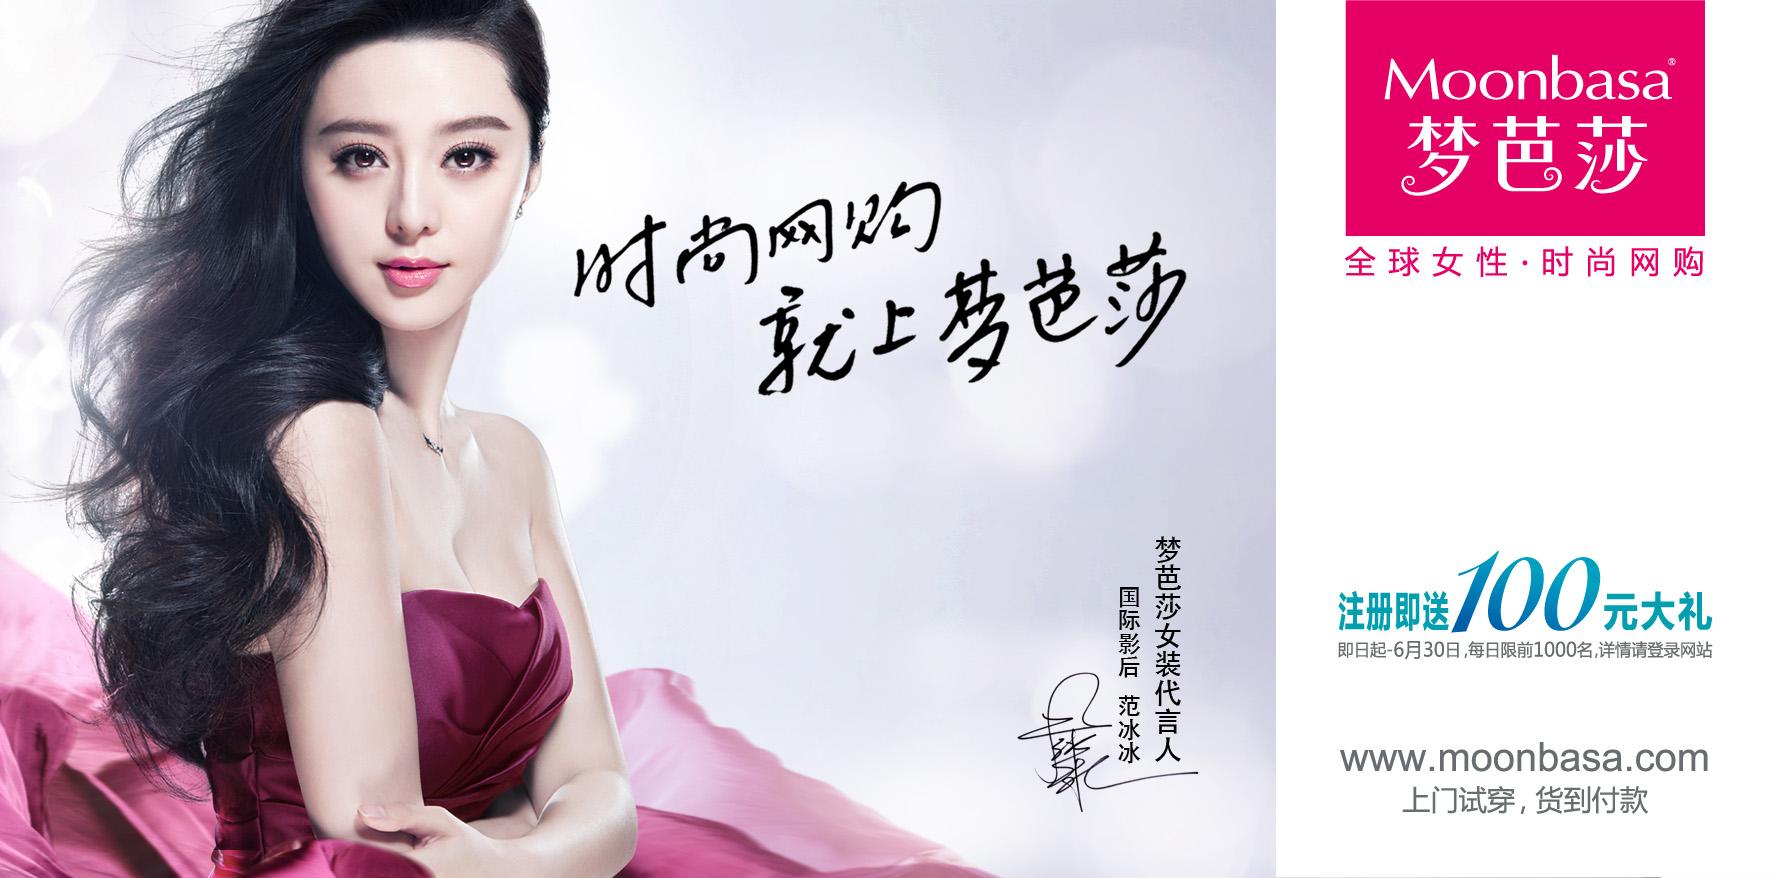 梦芭莎致力于为中国消费者提供国际化的时尚产品,环球时尚梦想成真。与国内外综合电商竞争,客单价较低,物流成本高,有道智选在6亿网民中,挖掘数据,精准定位中高档服装需求的人群。